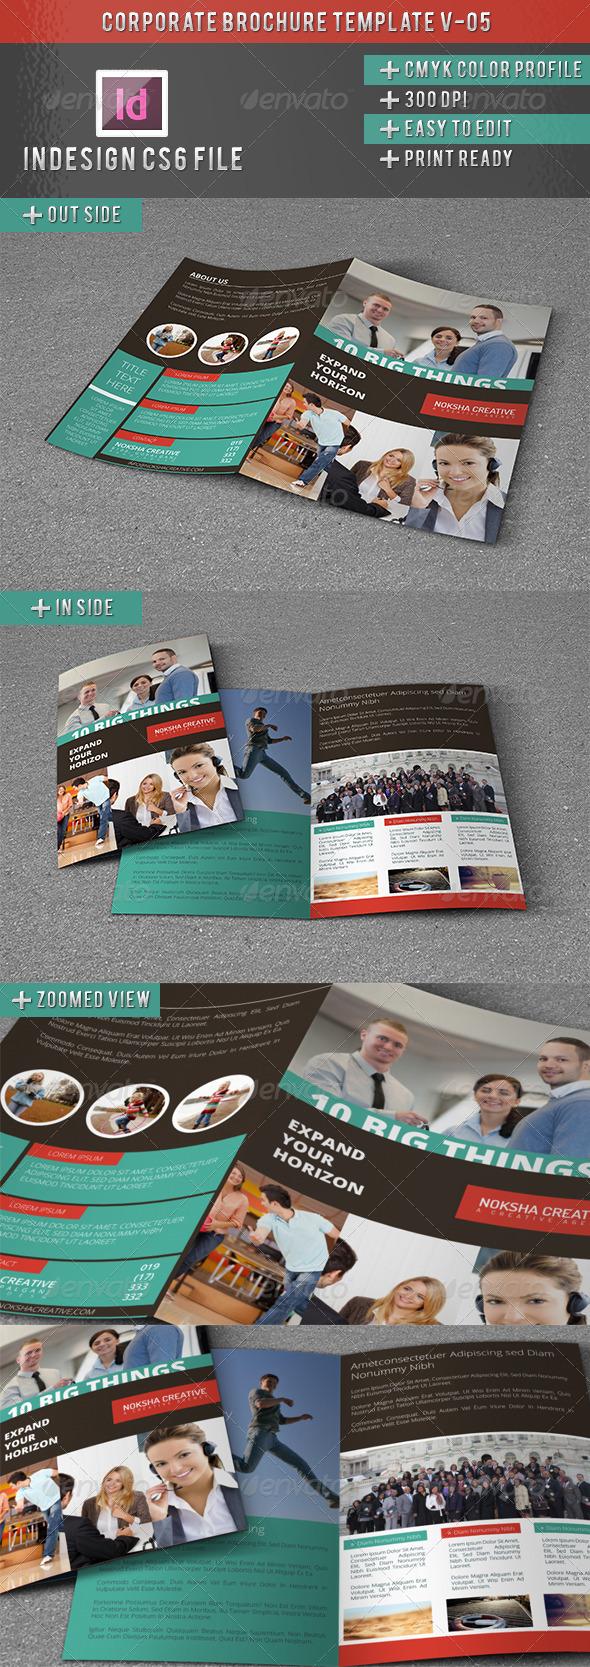 Corporate BiFold Brochure V-05 - Corporate Brochures